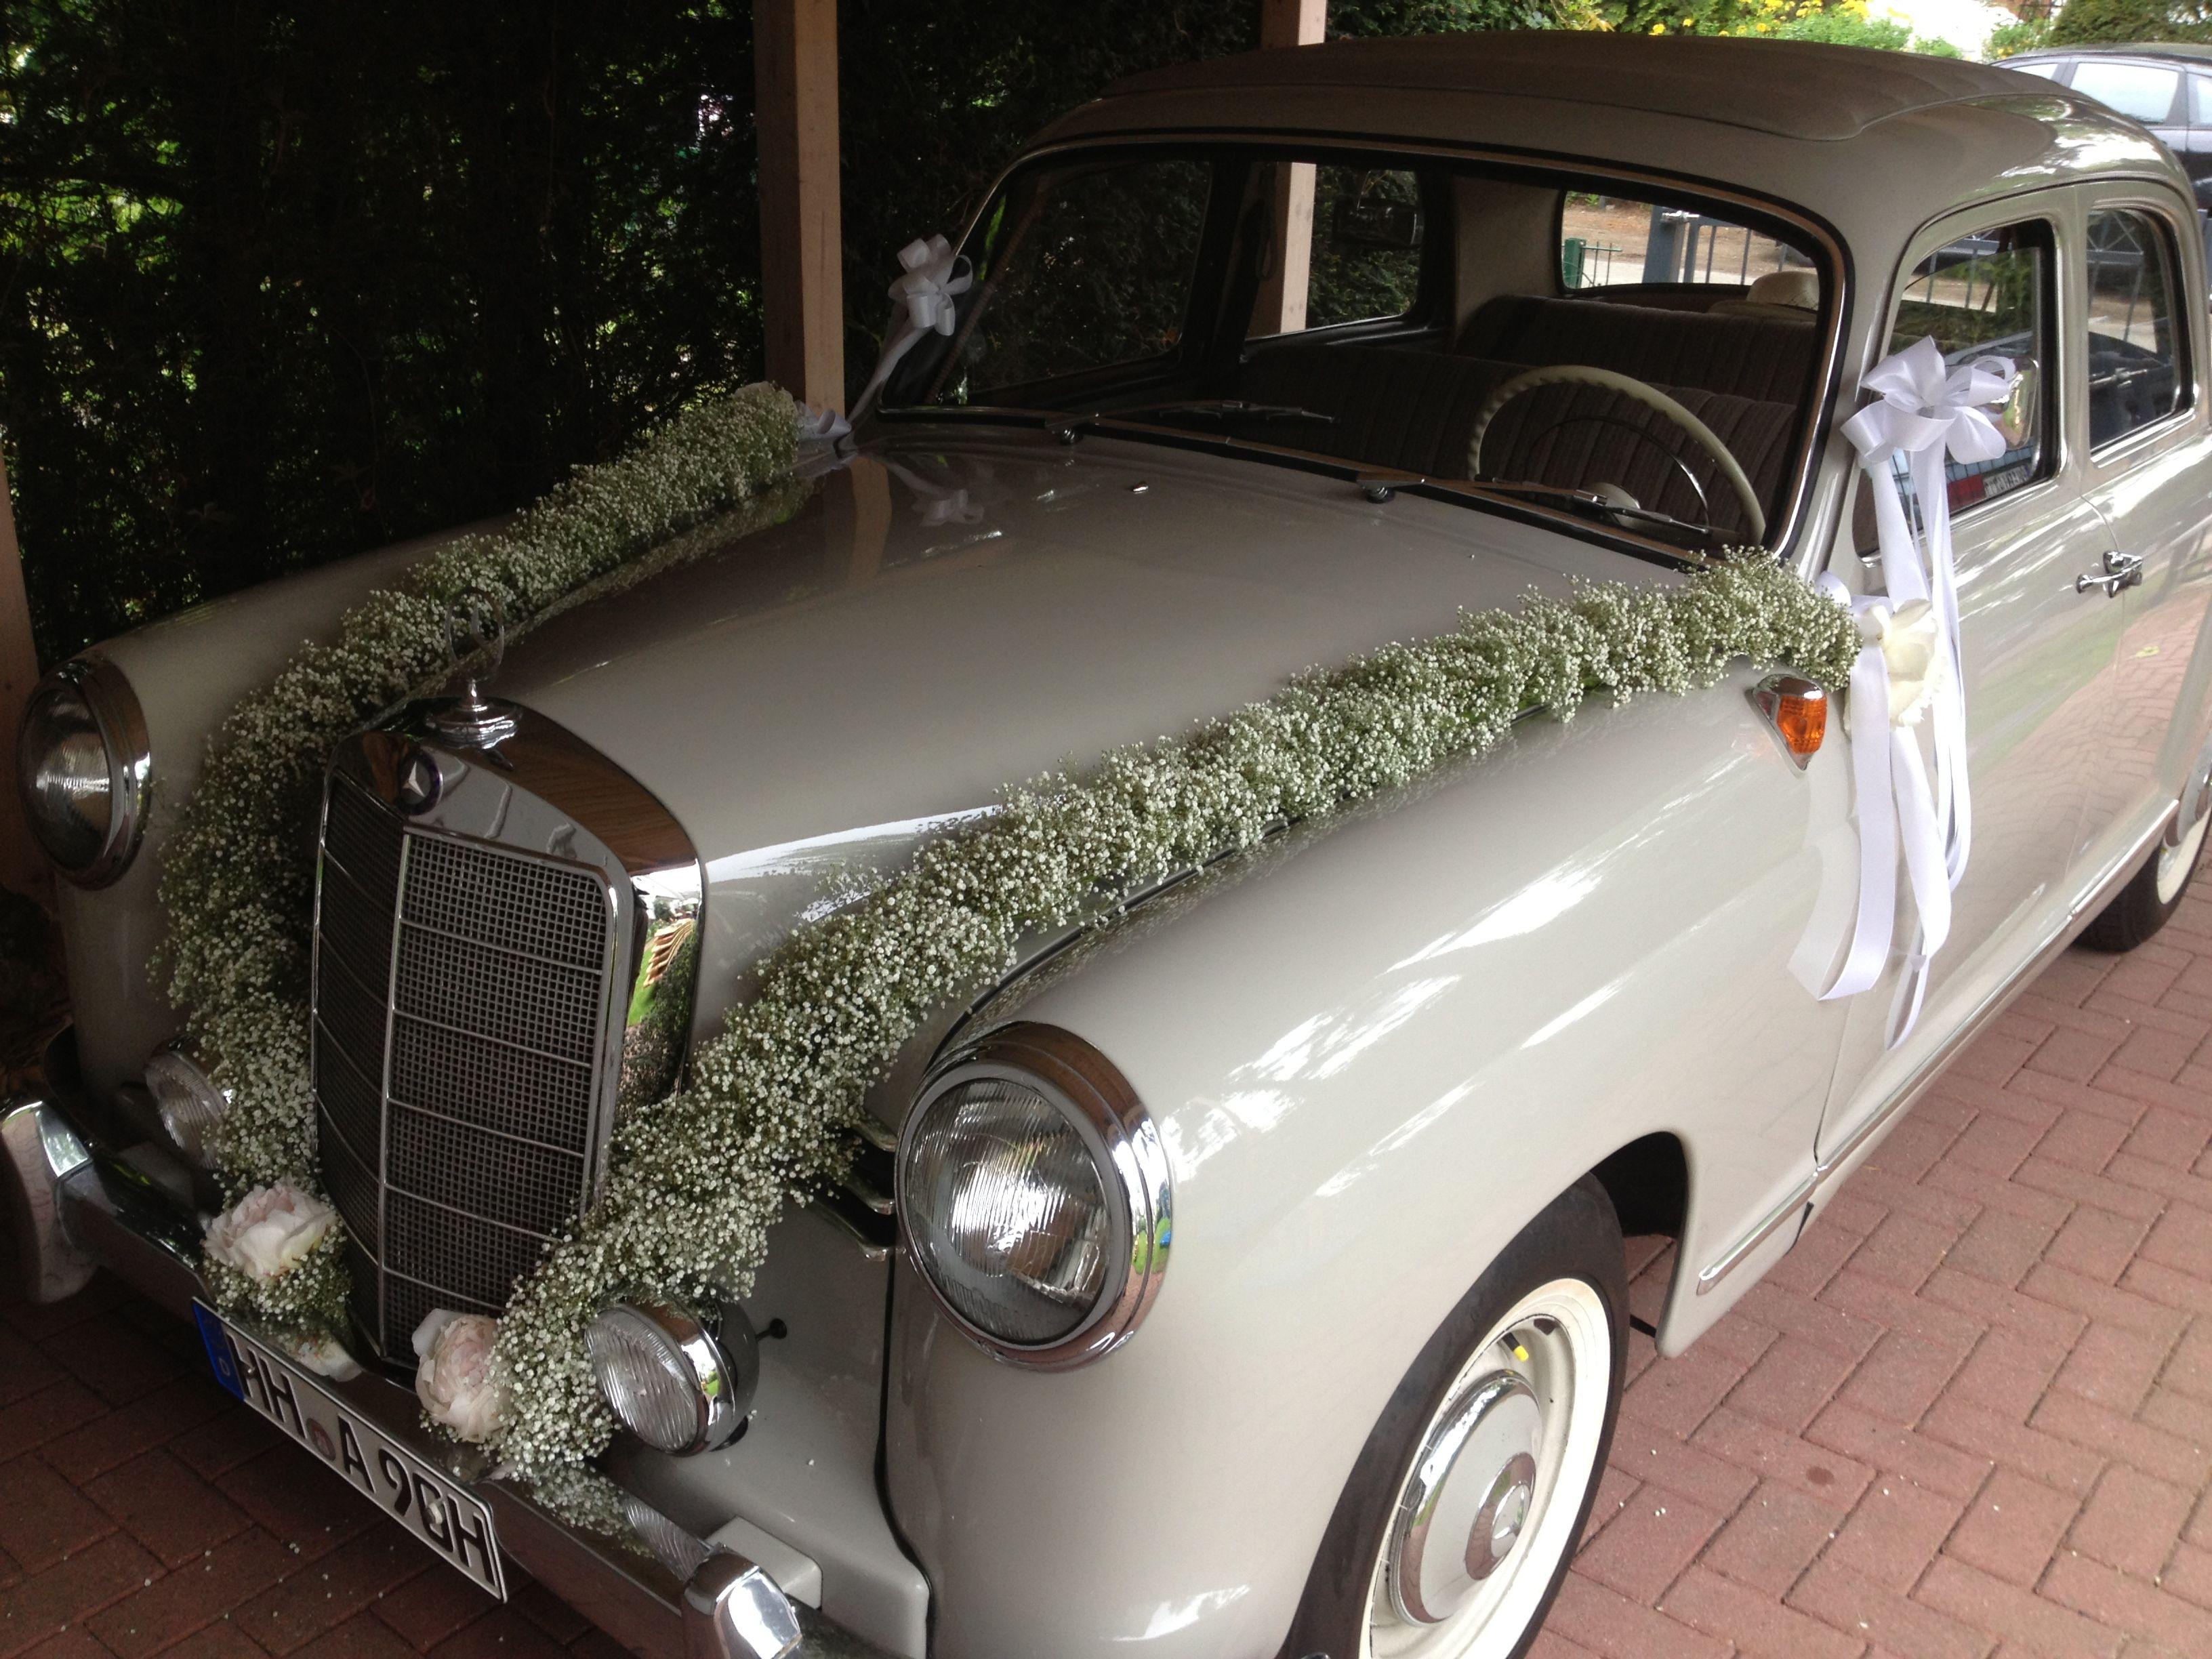 Wedding car flower decoration images  Autoschmuck für die stilvolle Hochzeit  Autogesteck  Pinterest